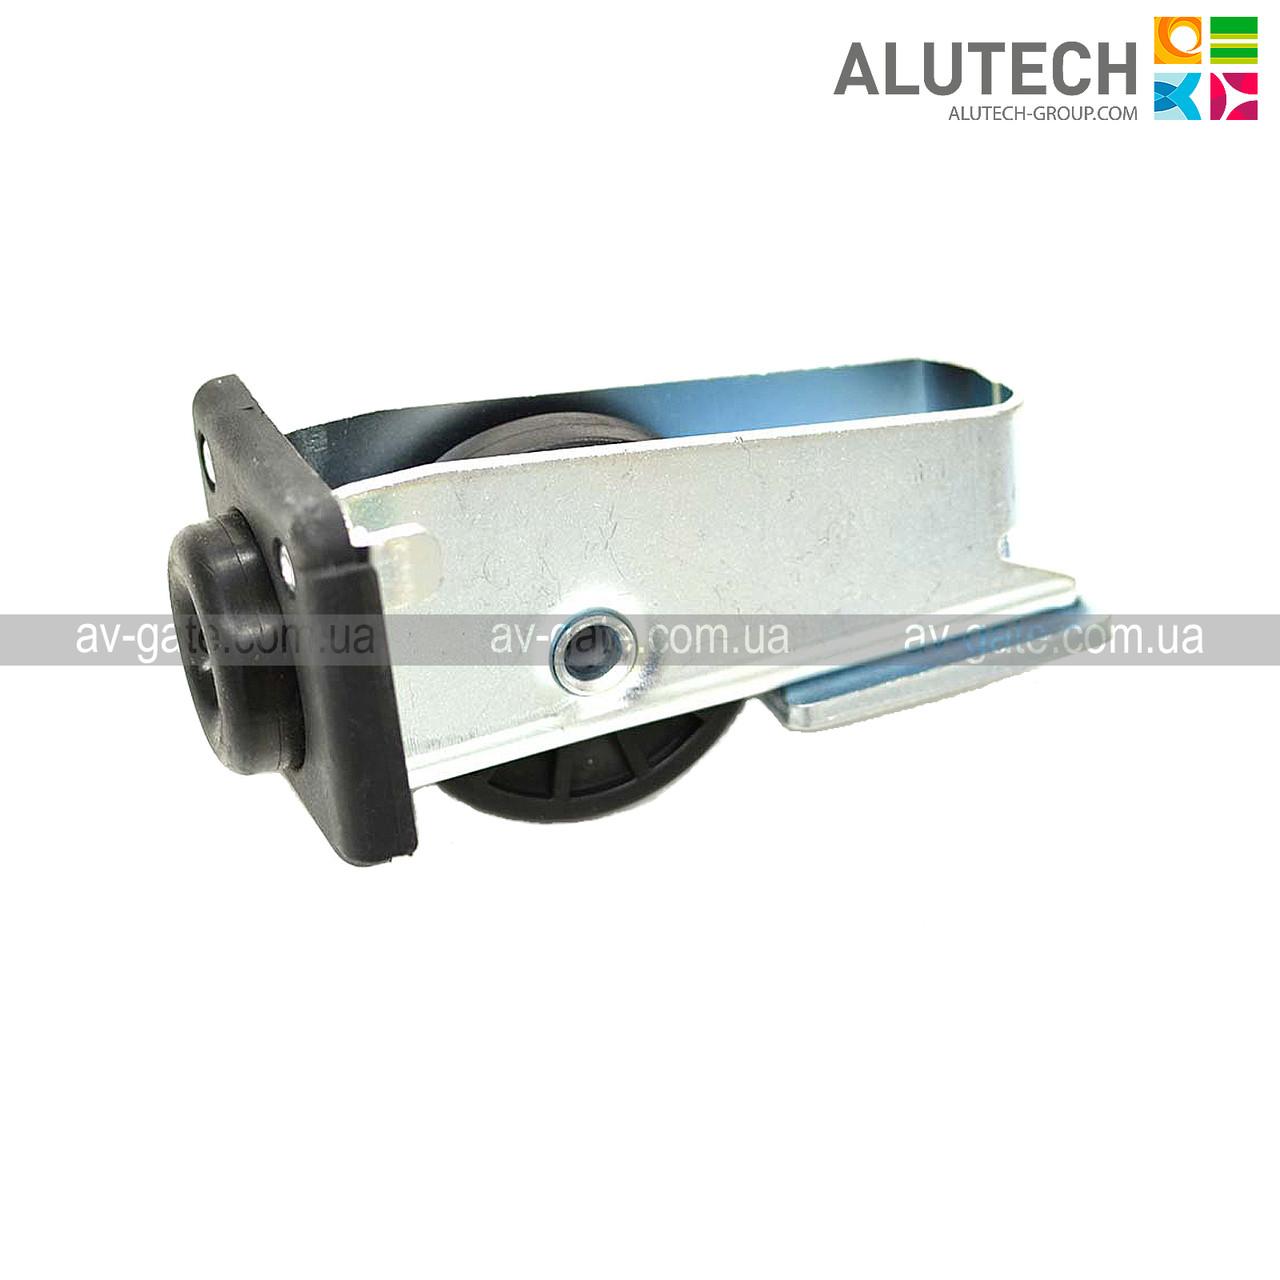 Ролик опорный Alutech SGN.01.320